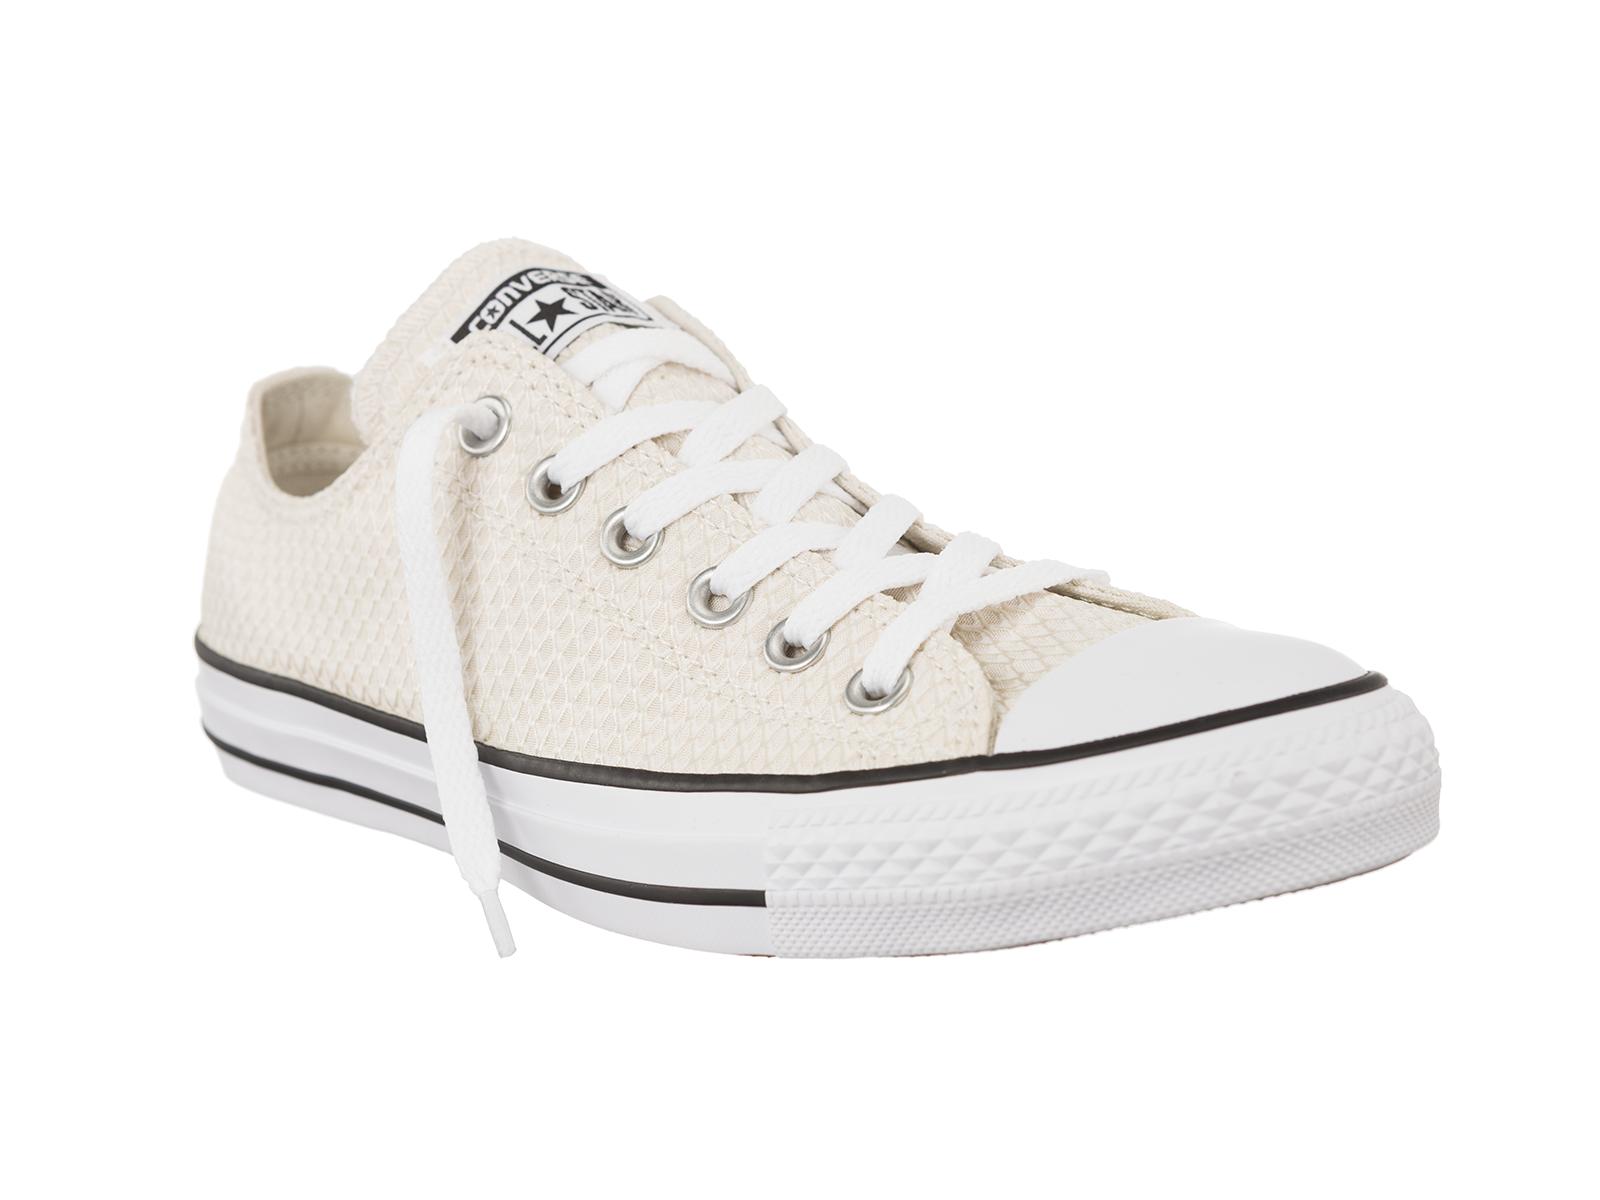 Converse Donna All Star Sneakers Scarpe Da Ginnastica Stringate Basse Righe